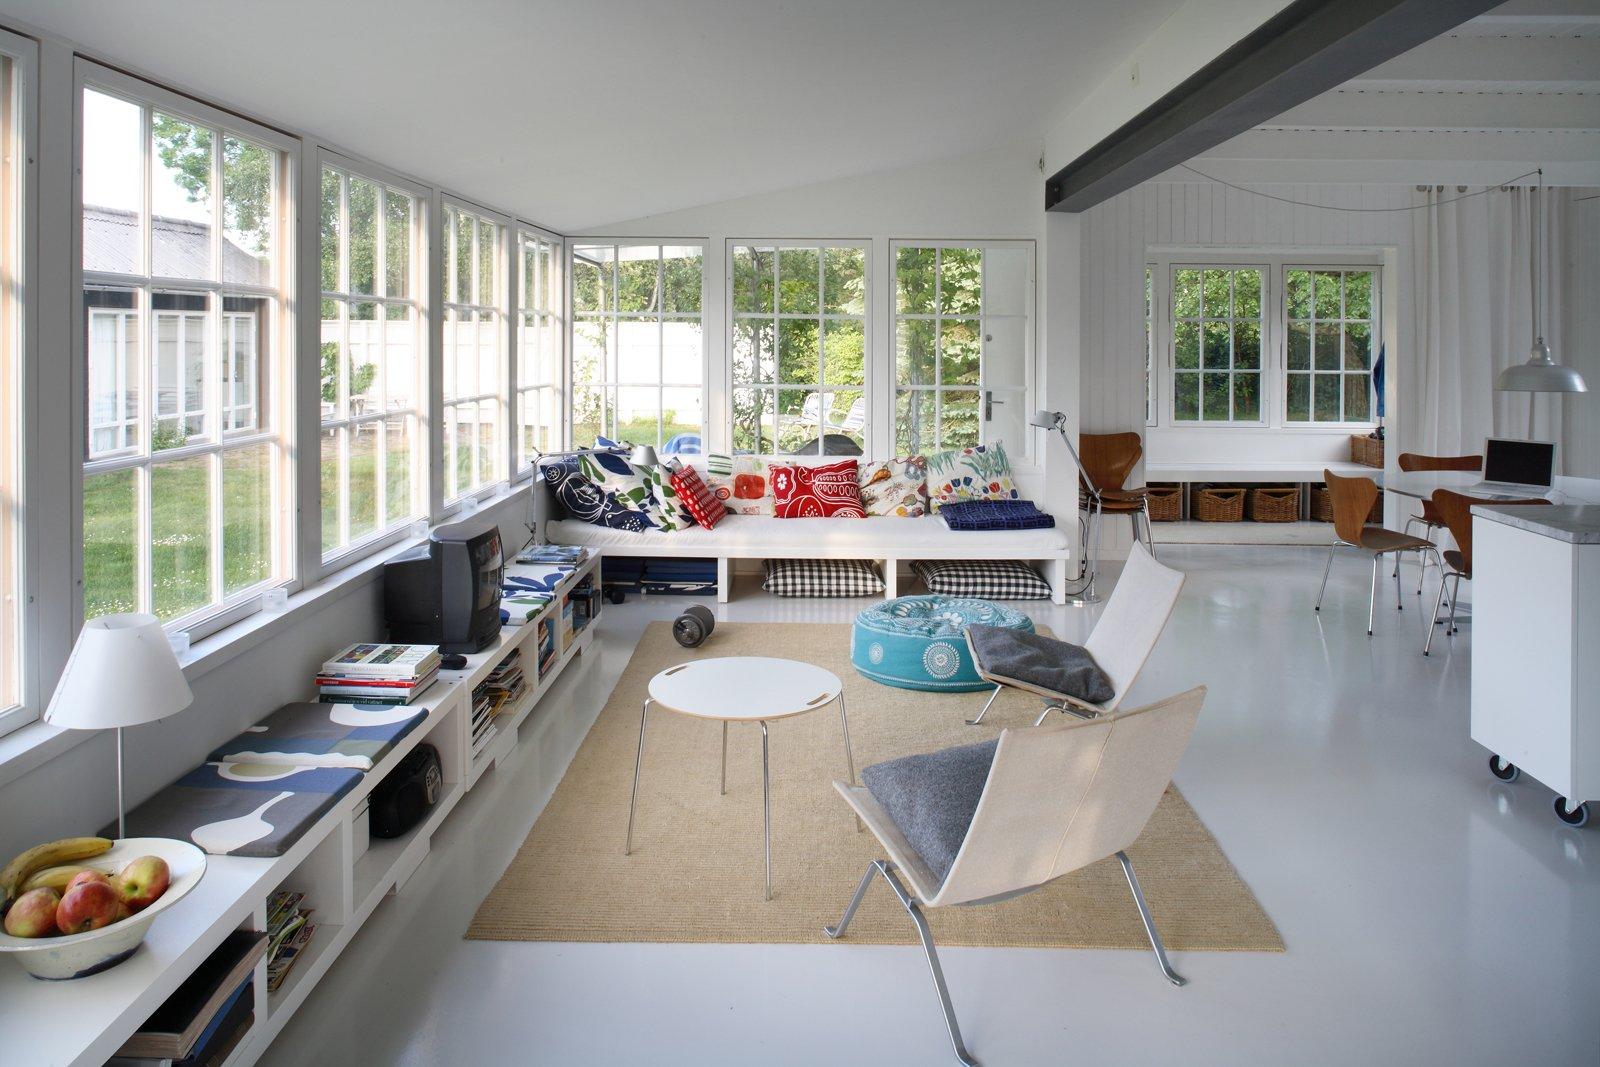 È In Edicola Il 24 Luglio Cose Di Casa Di Agosto Cose Di Casa #6C402F 1600 1067 Cucine Stile Nordico